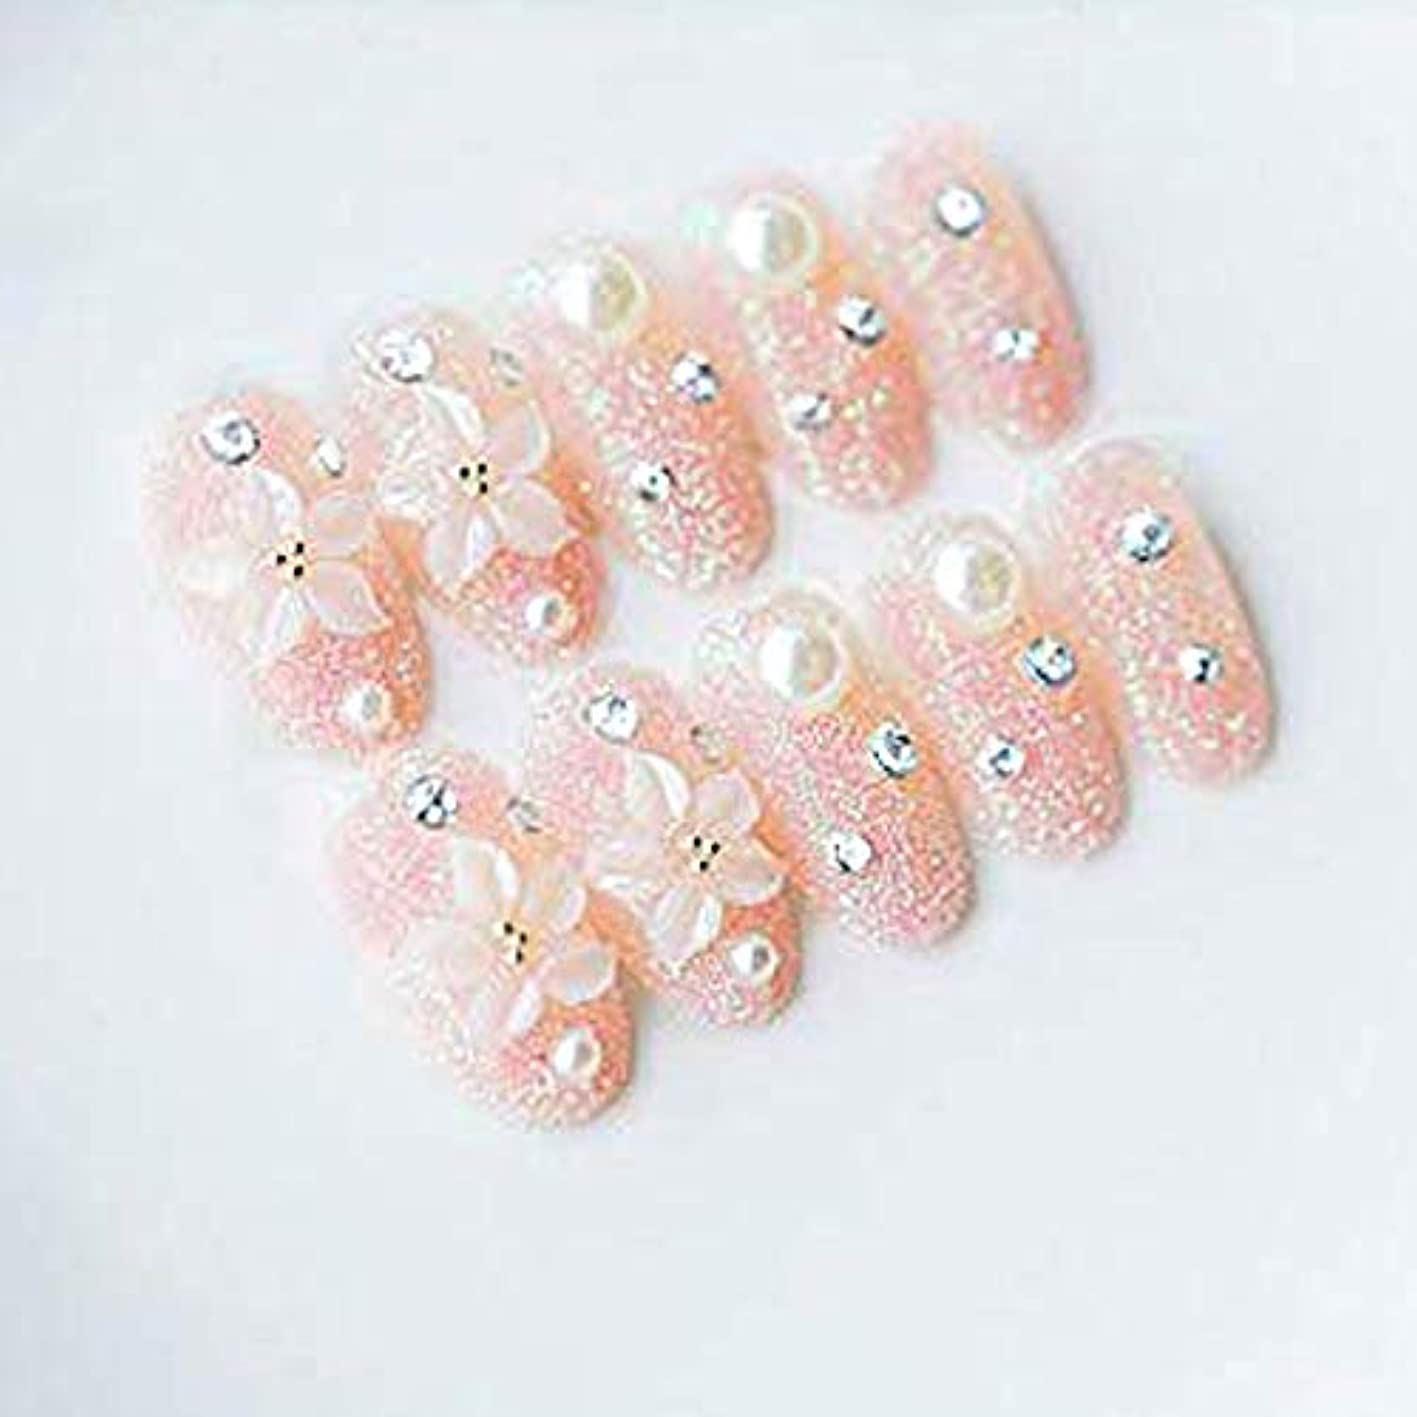 一緒につぶす最悪24枚 手作りネイルチップ 花を彫る キラキラ 和装ネイル 手作りネイルチップ 可愛い優雅ネイル